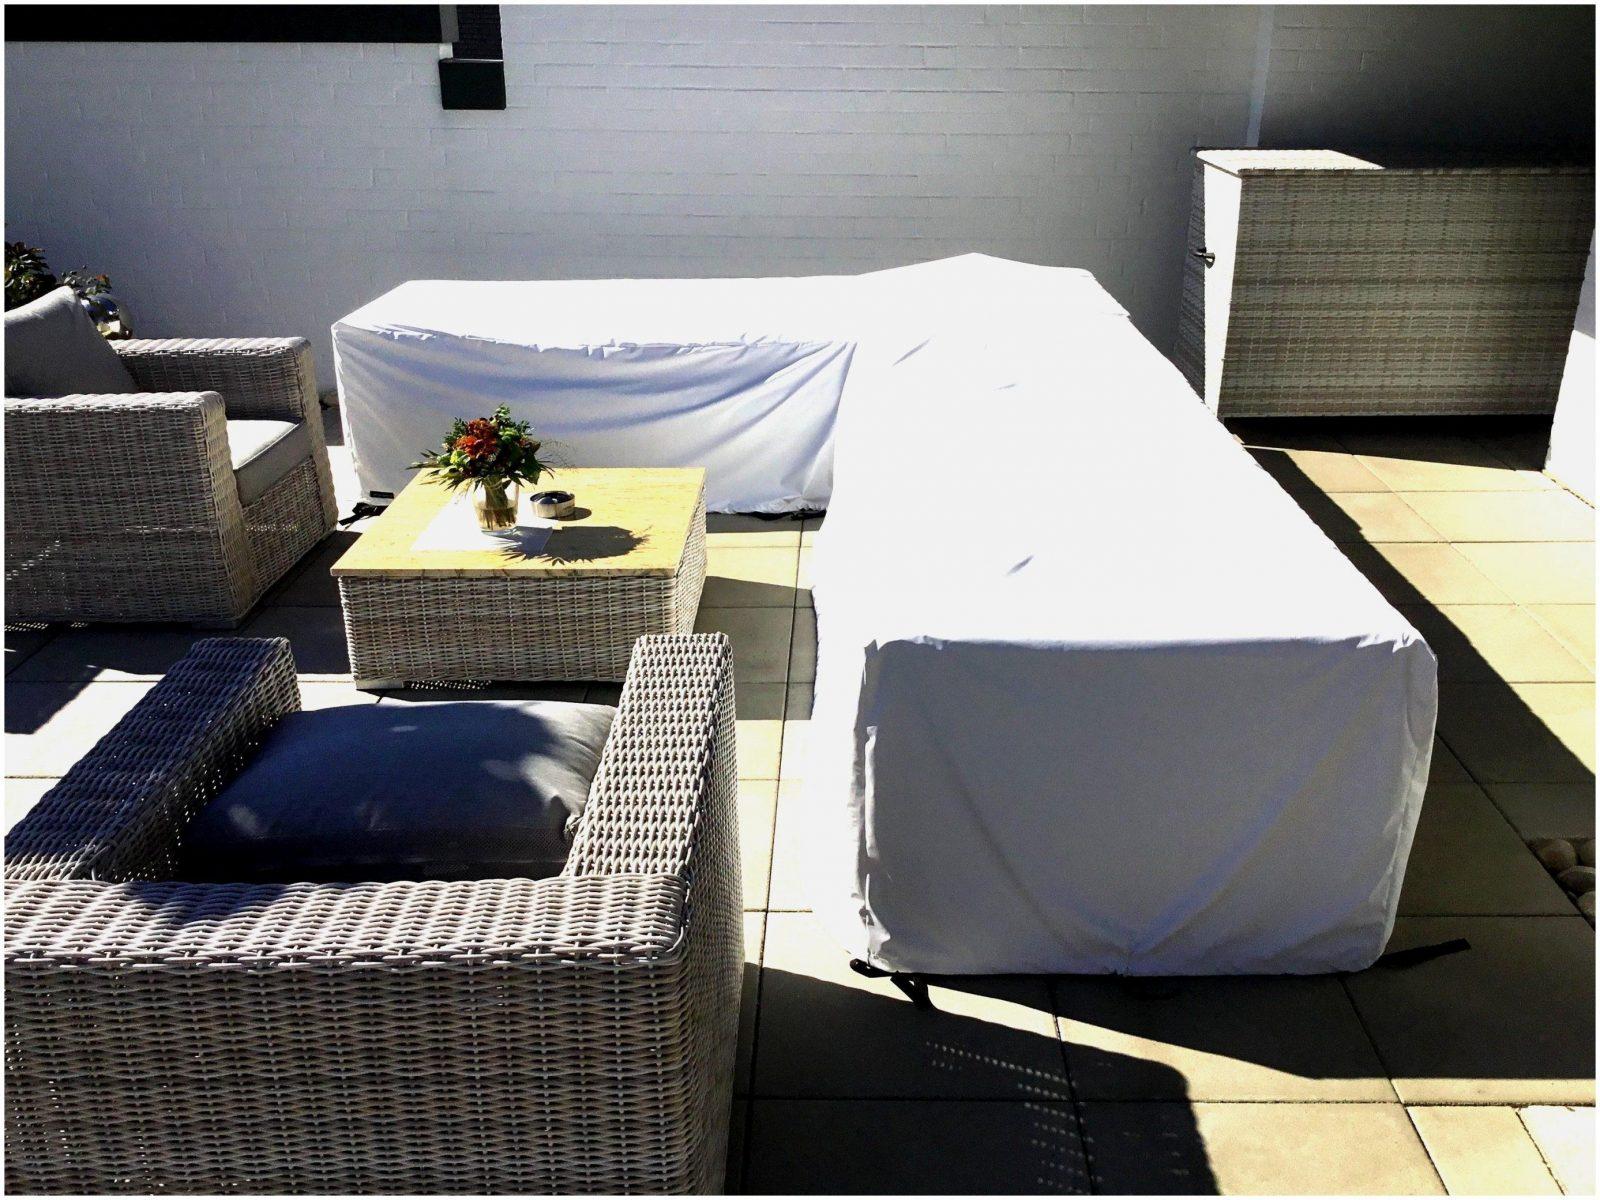 Luxus Kissen Nach Maß Bild Von Kissen Design 65056  Kissen Ideen von Abdeckhauben Gartenmöbel Nach Maß Bild